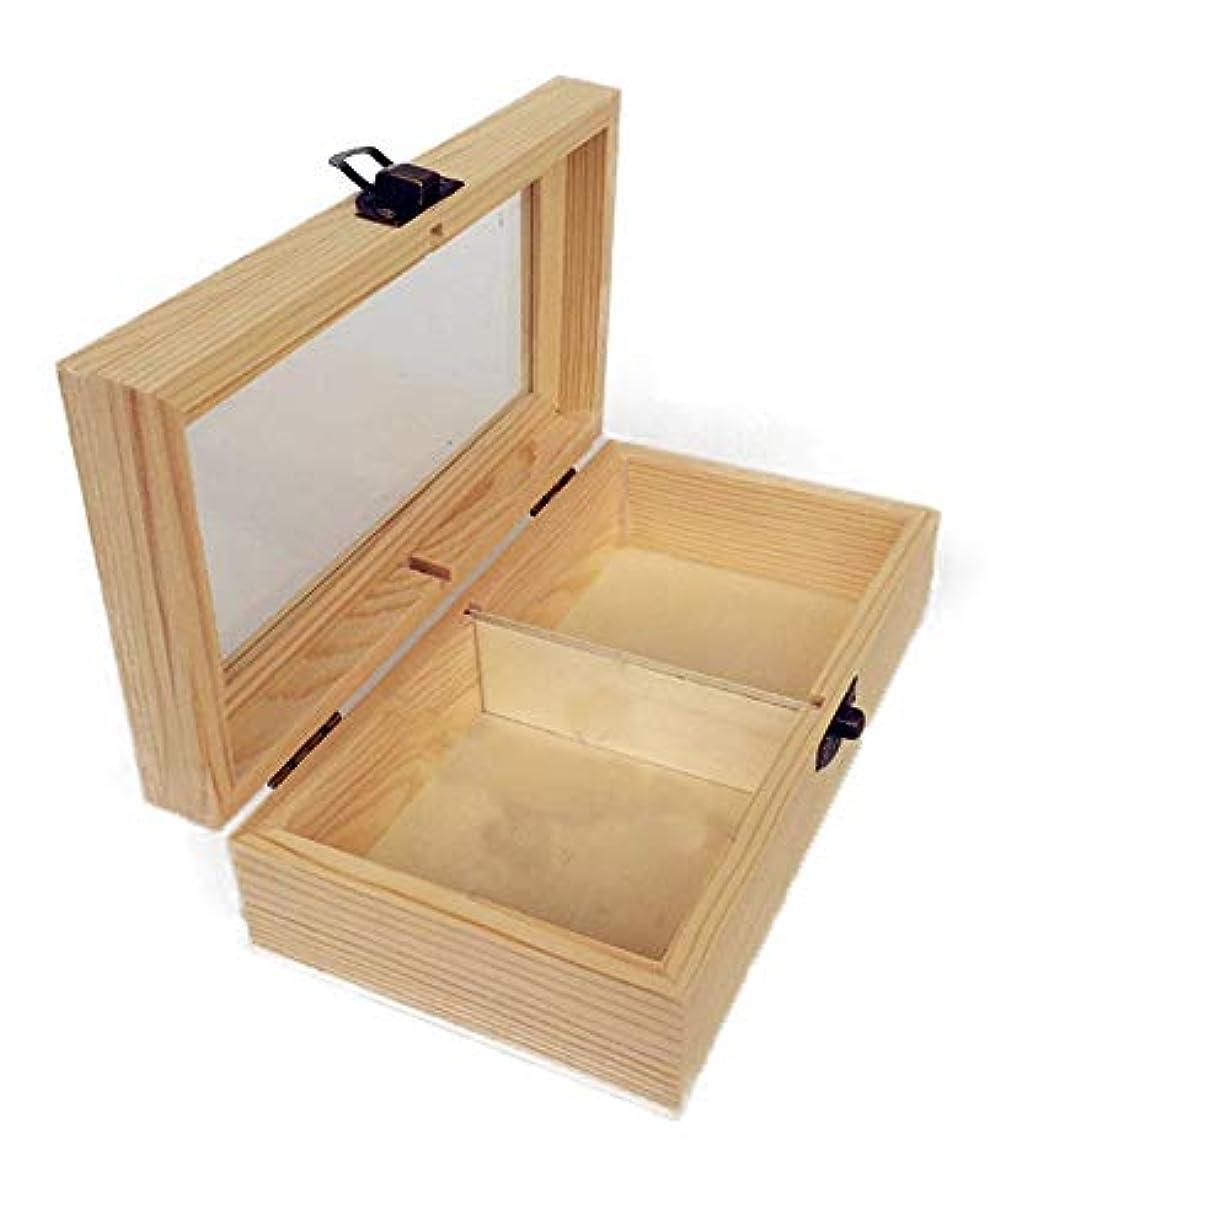 万一に備えてすごい紳士気取りの、きざなプレゼンテーションのために手作りの木製ギフトボックスパーフェクトエッセンシャルオイルケースにエッセンシャルオイルは、被害太陽光からあなたの油を保護します アロマセラピー製品 (色 : Natural, サイズ : 18X10X5.5CM)